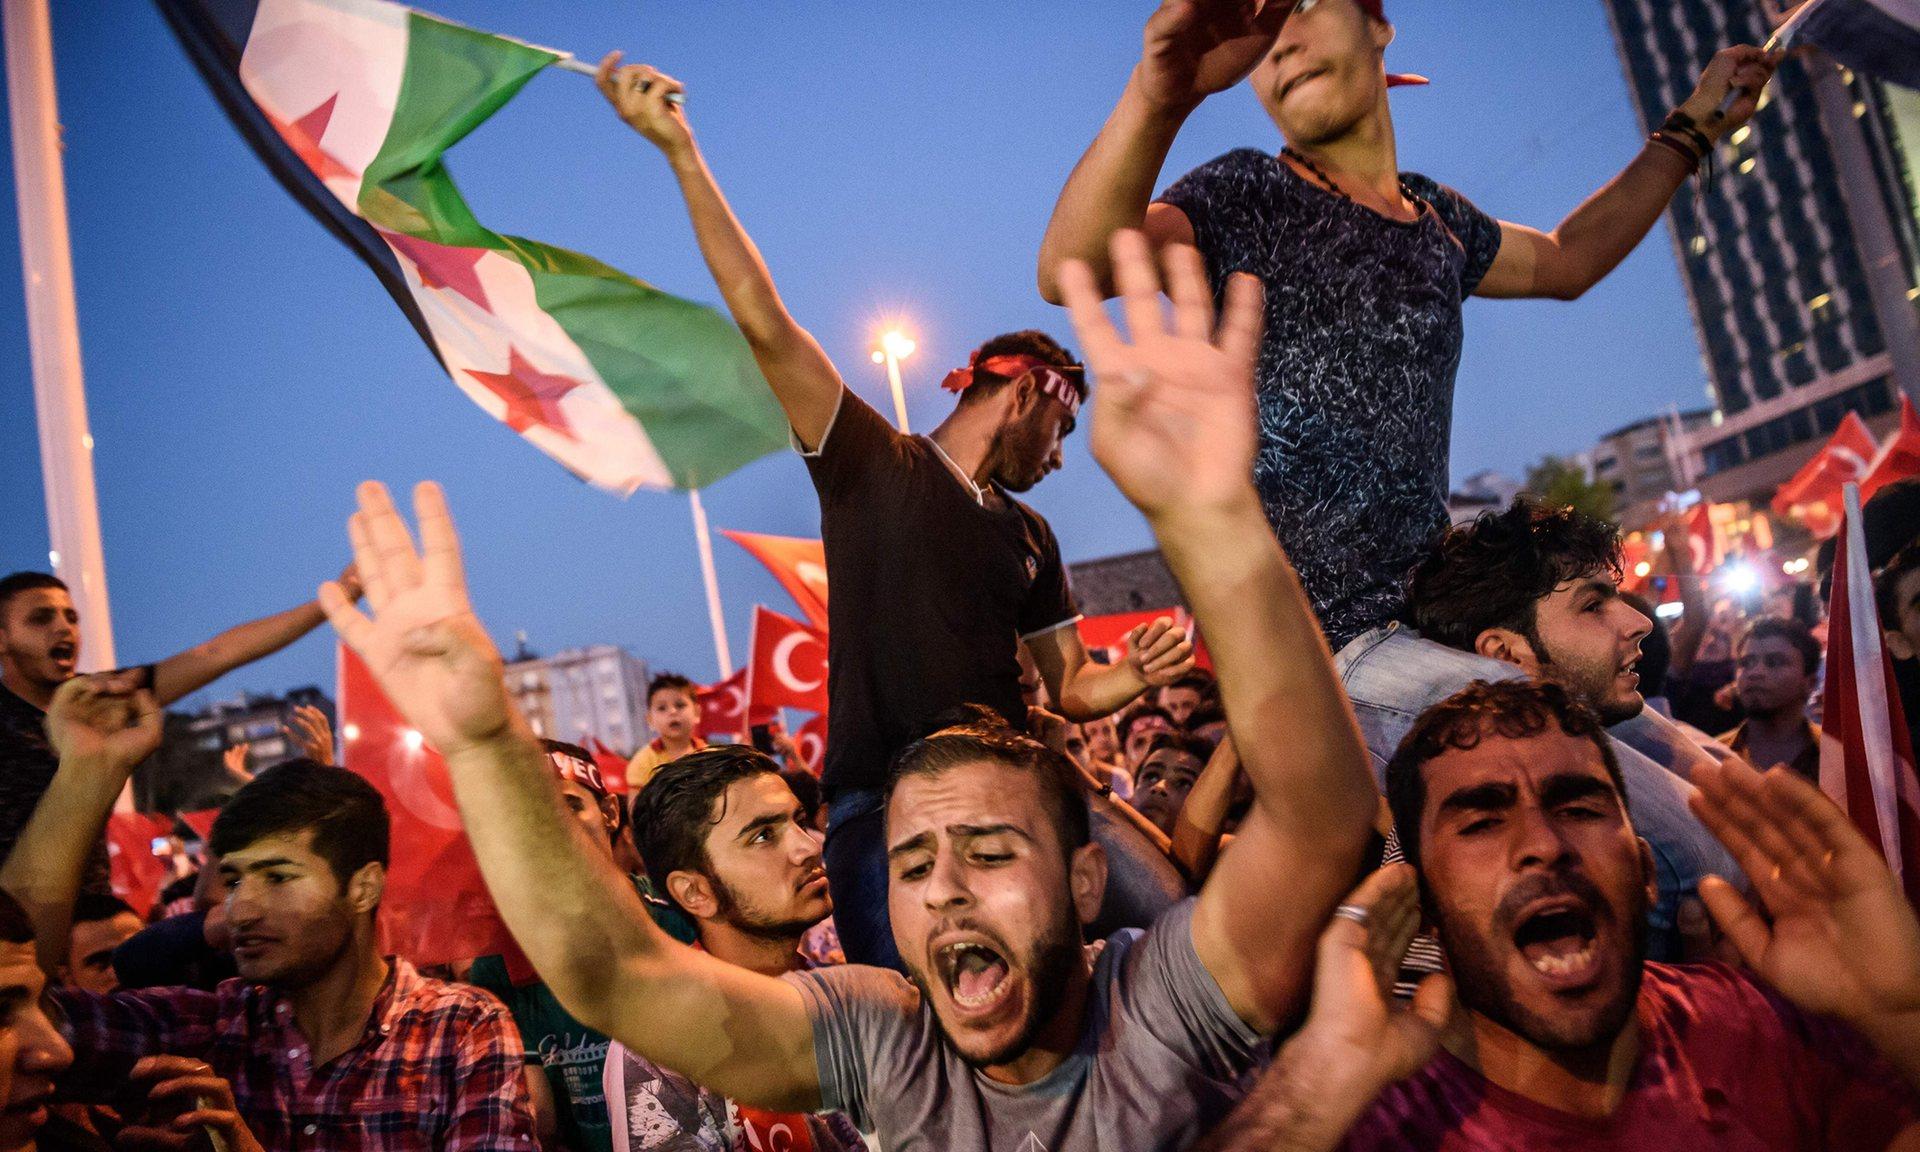 صورة صحفية تركية تنتصر للسوريين وتدافع عنهم